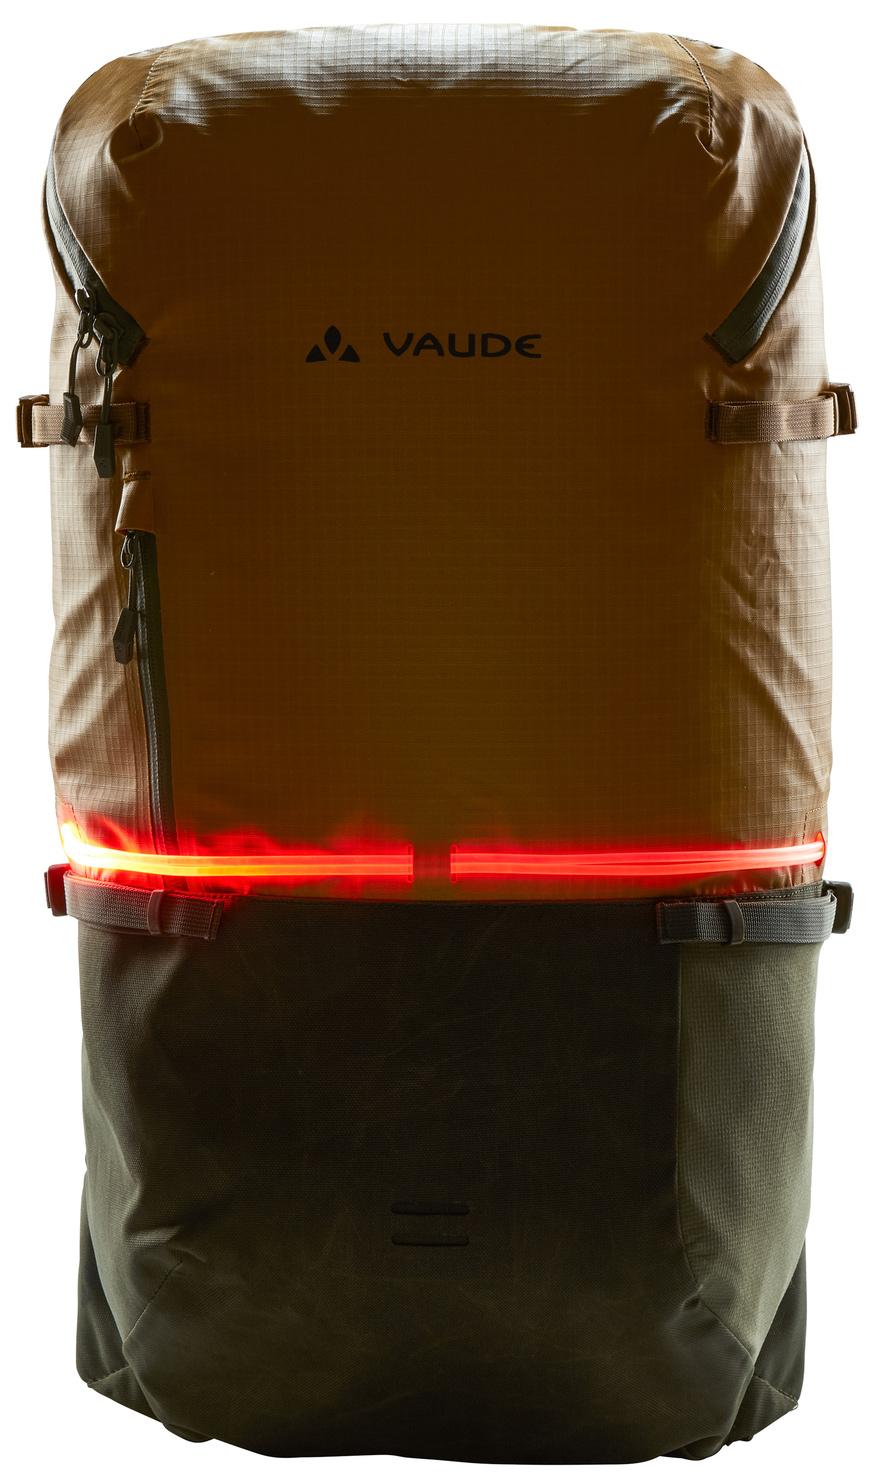 Image of Vaude CityGo 30 Backpack - baltic sea